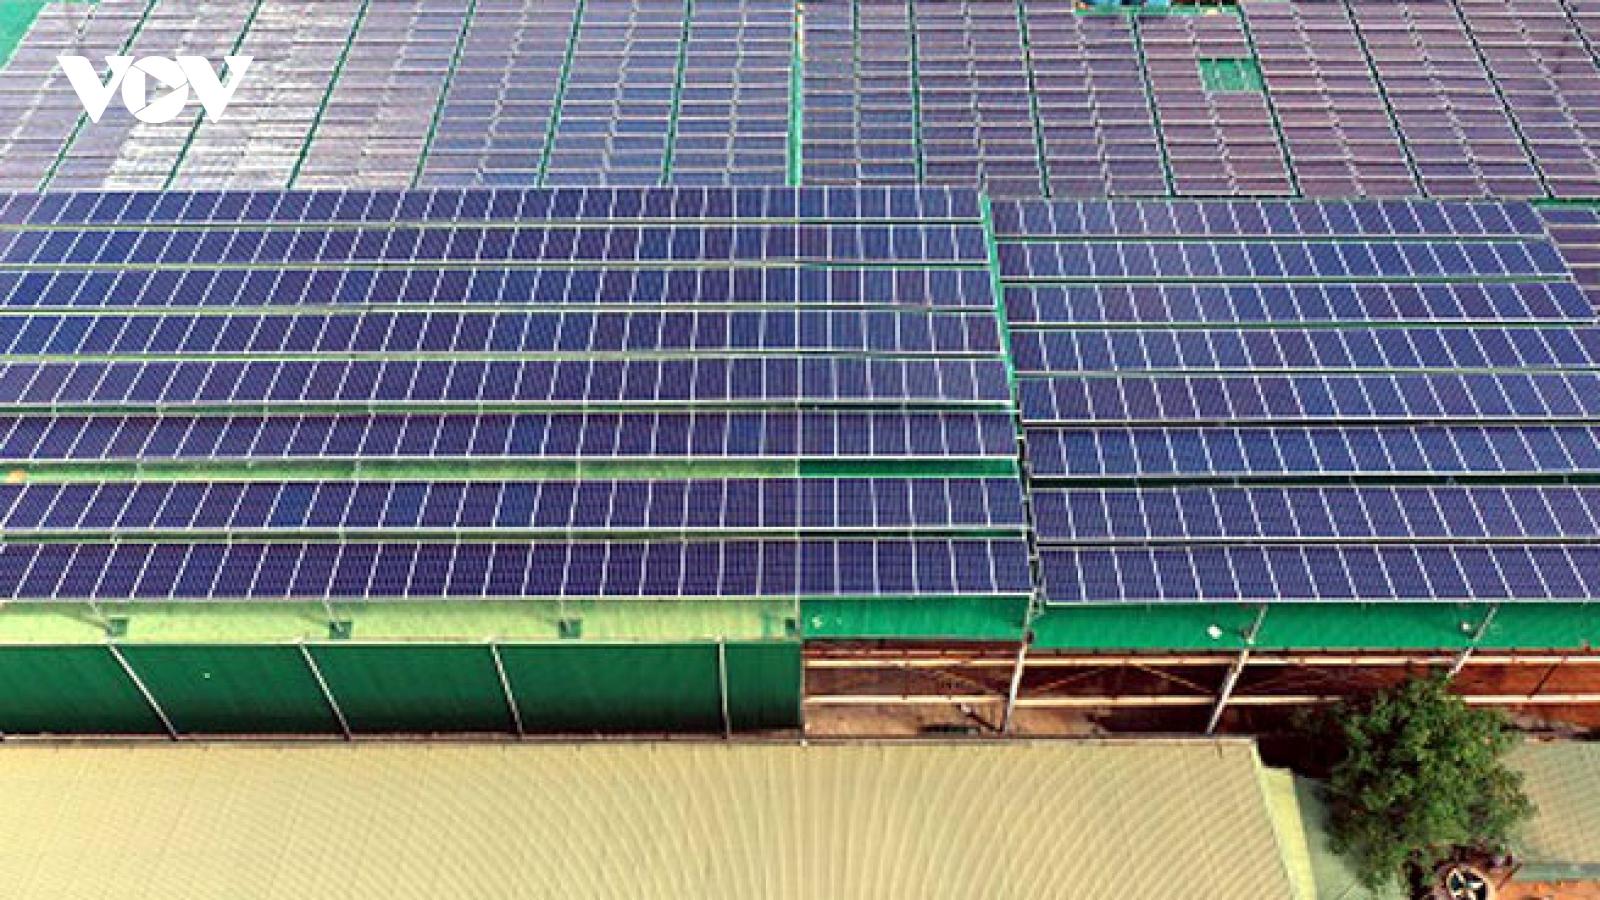 Điện mặt trời mái nhà khu công nghiệp: Hiệu quả nhưng khó triển khai